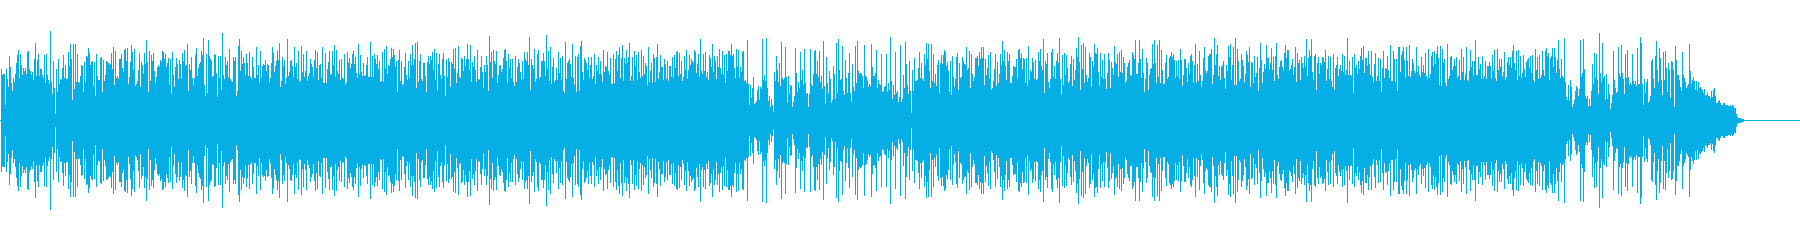 情報番組から店舗まで定番のキラーチューンの再生済みの波形